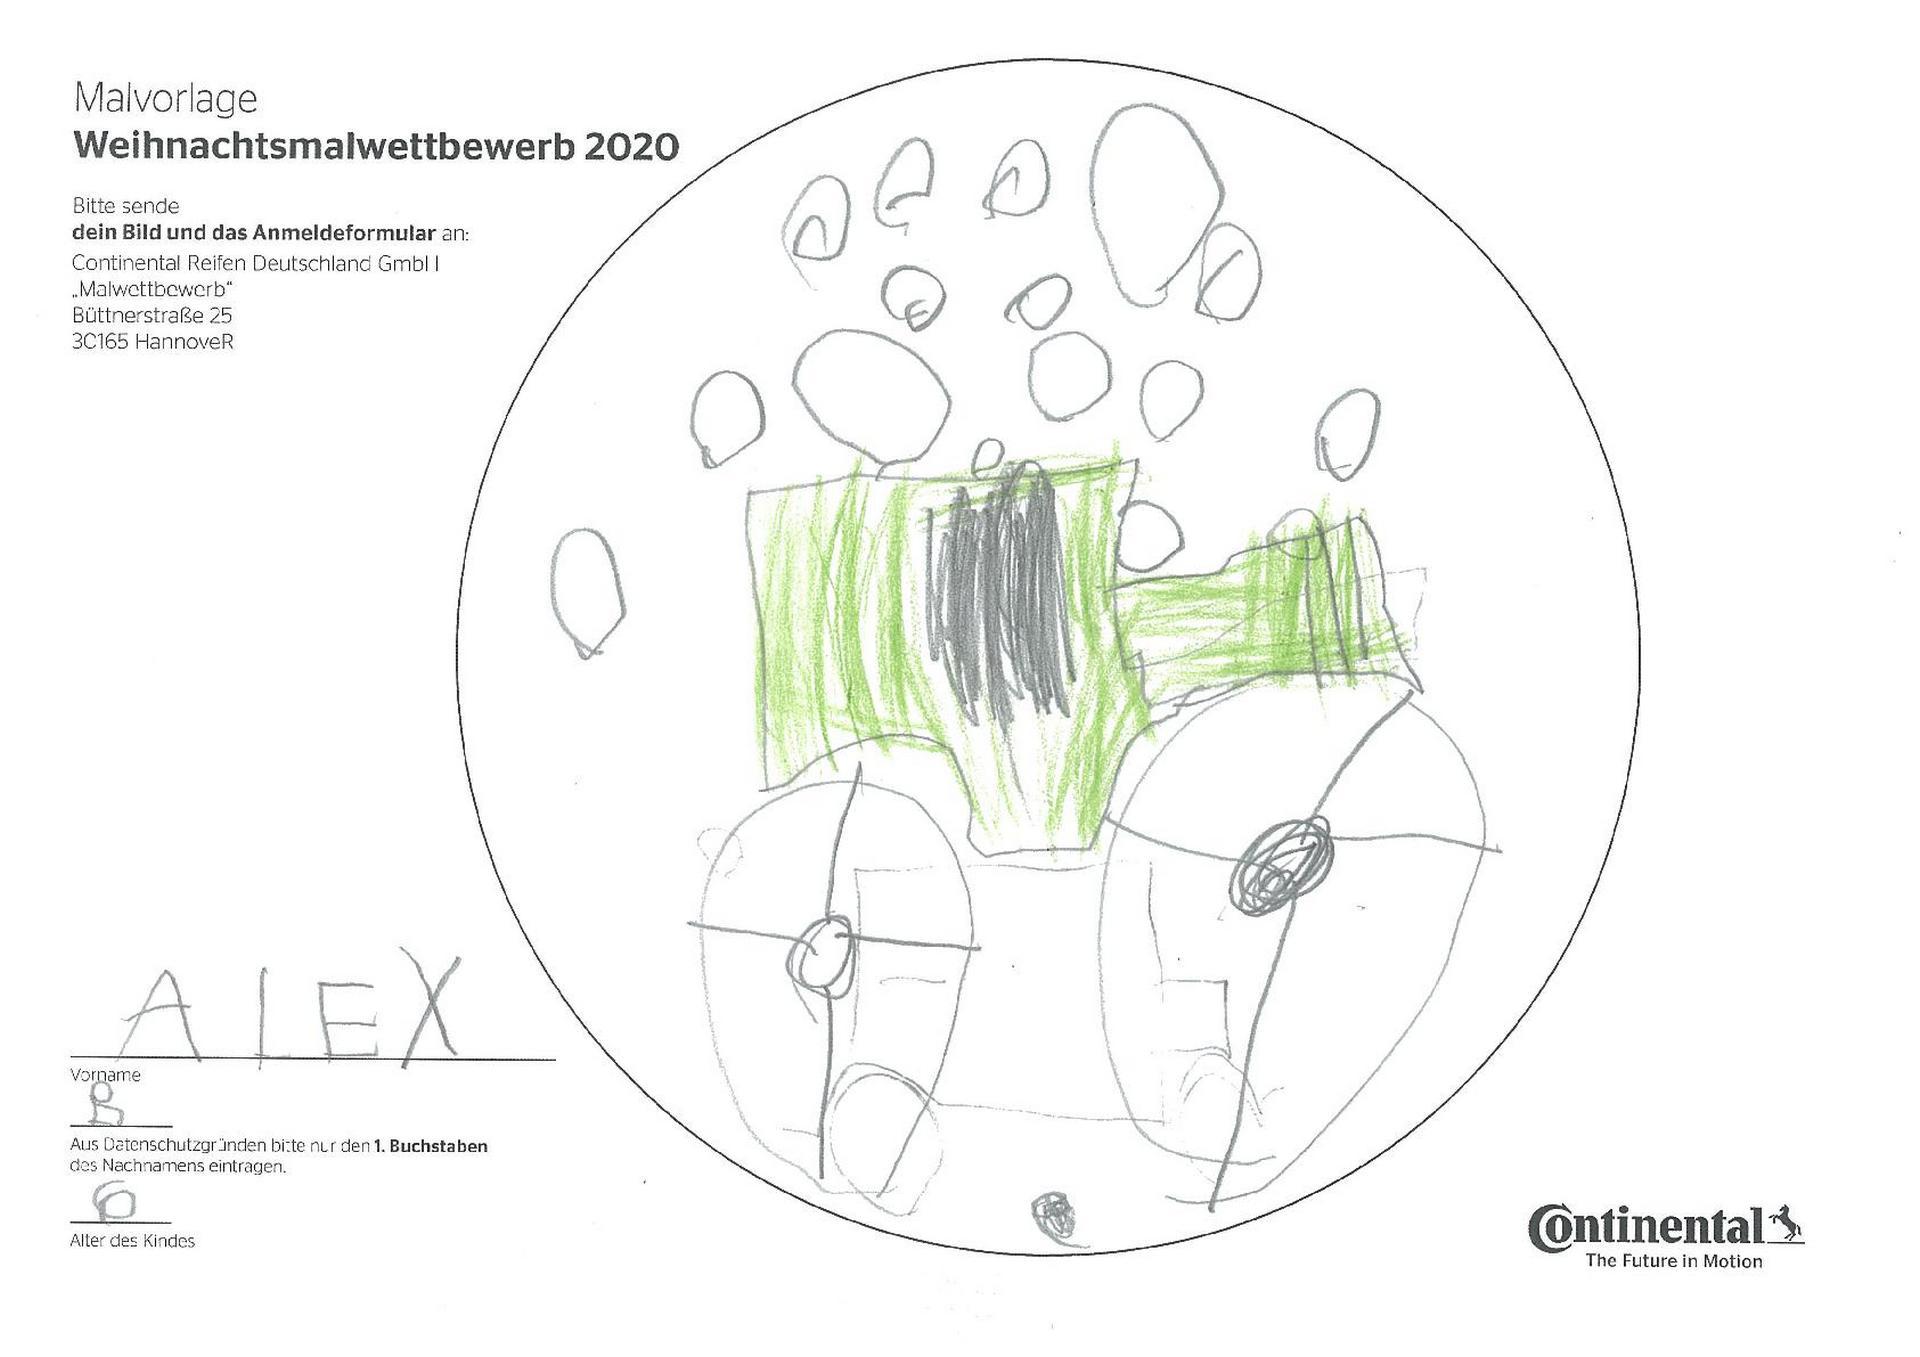 Alex B. (6)